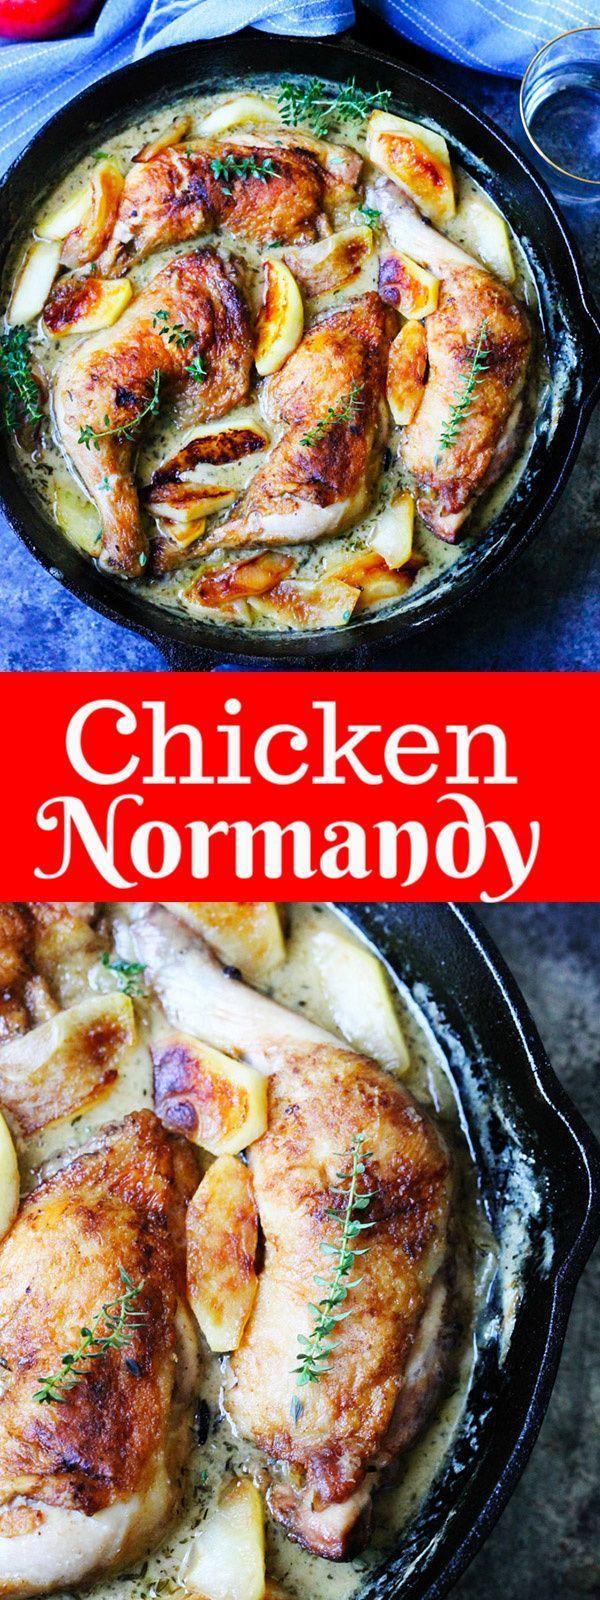 Chicken Normandy Braised Chicken Legs In Apple Cider Brandy Recipe In 2020 Chicken Normandy French Chicken Dishes Best Chicken Recipes